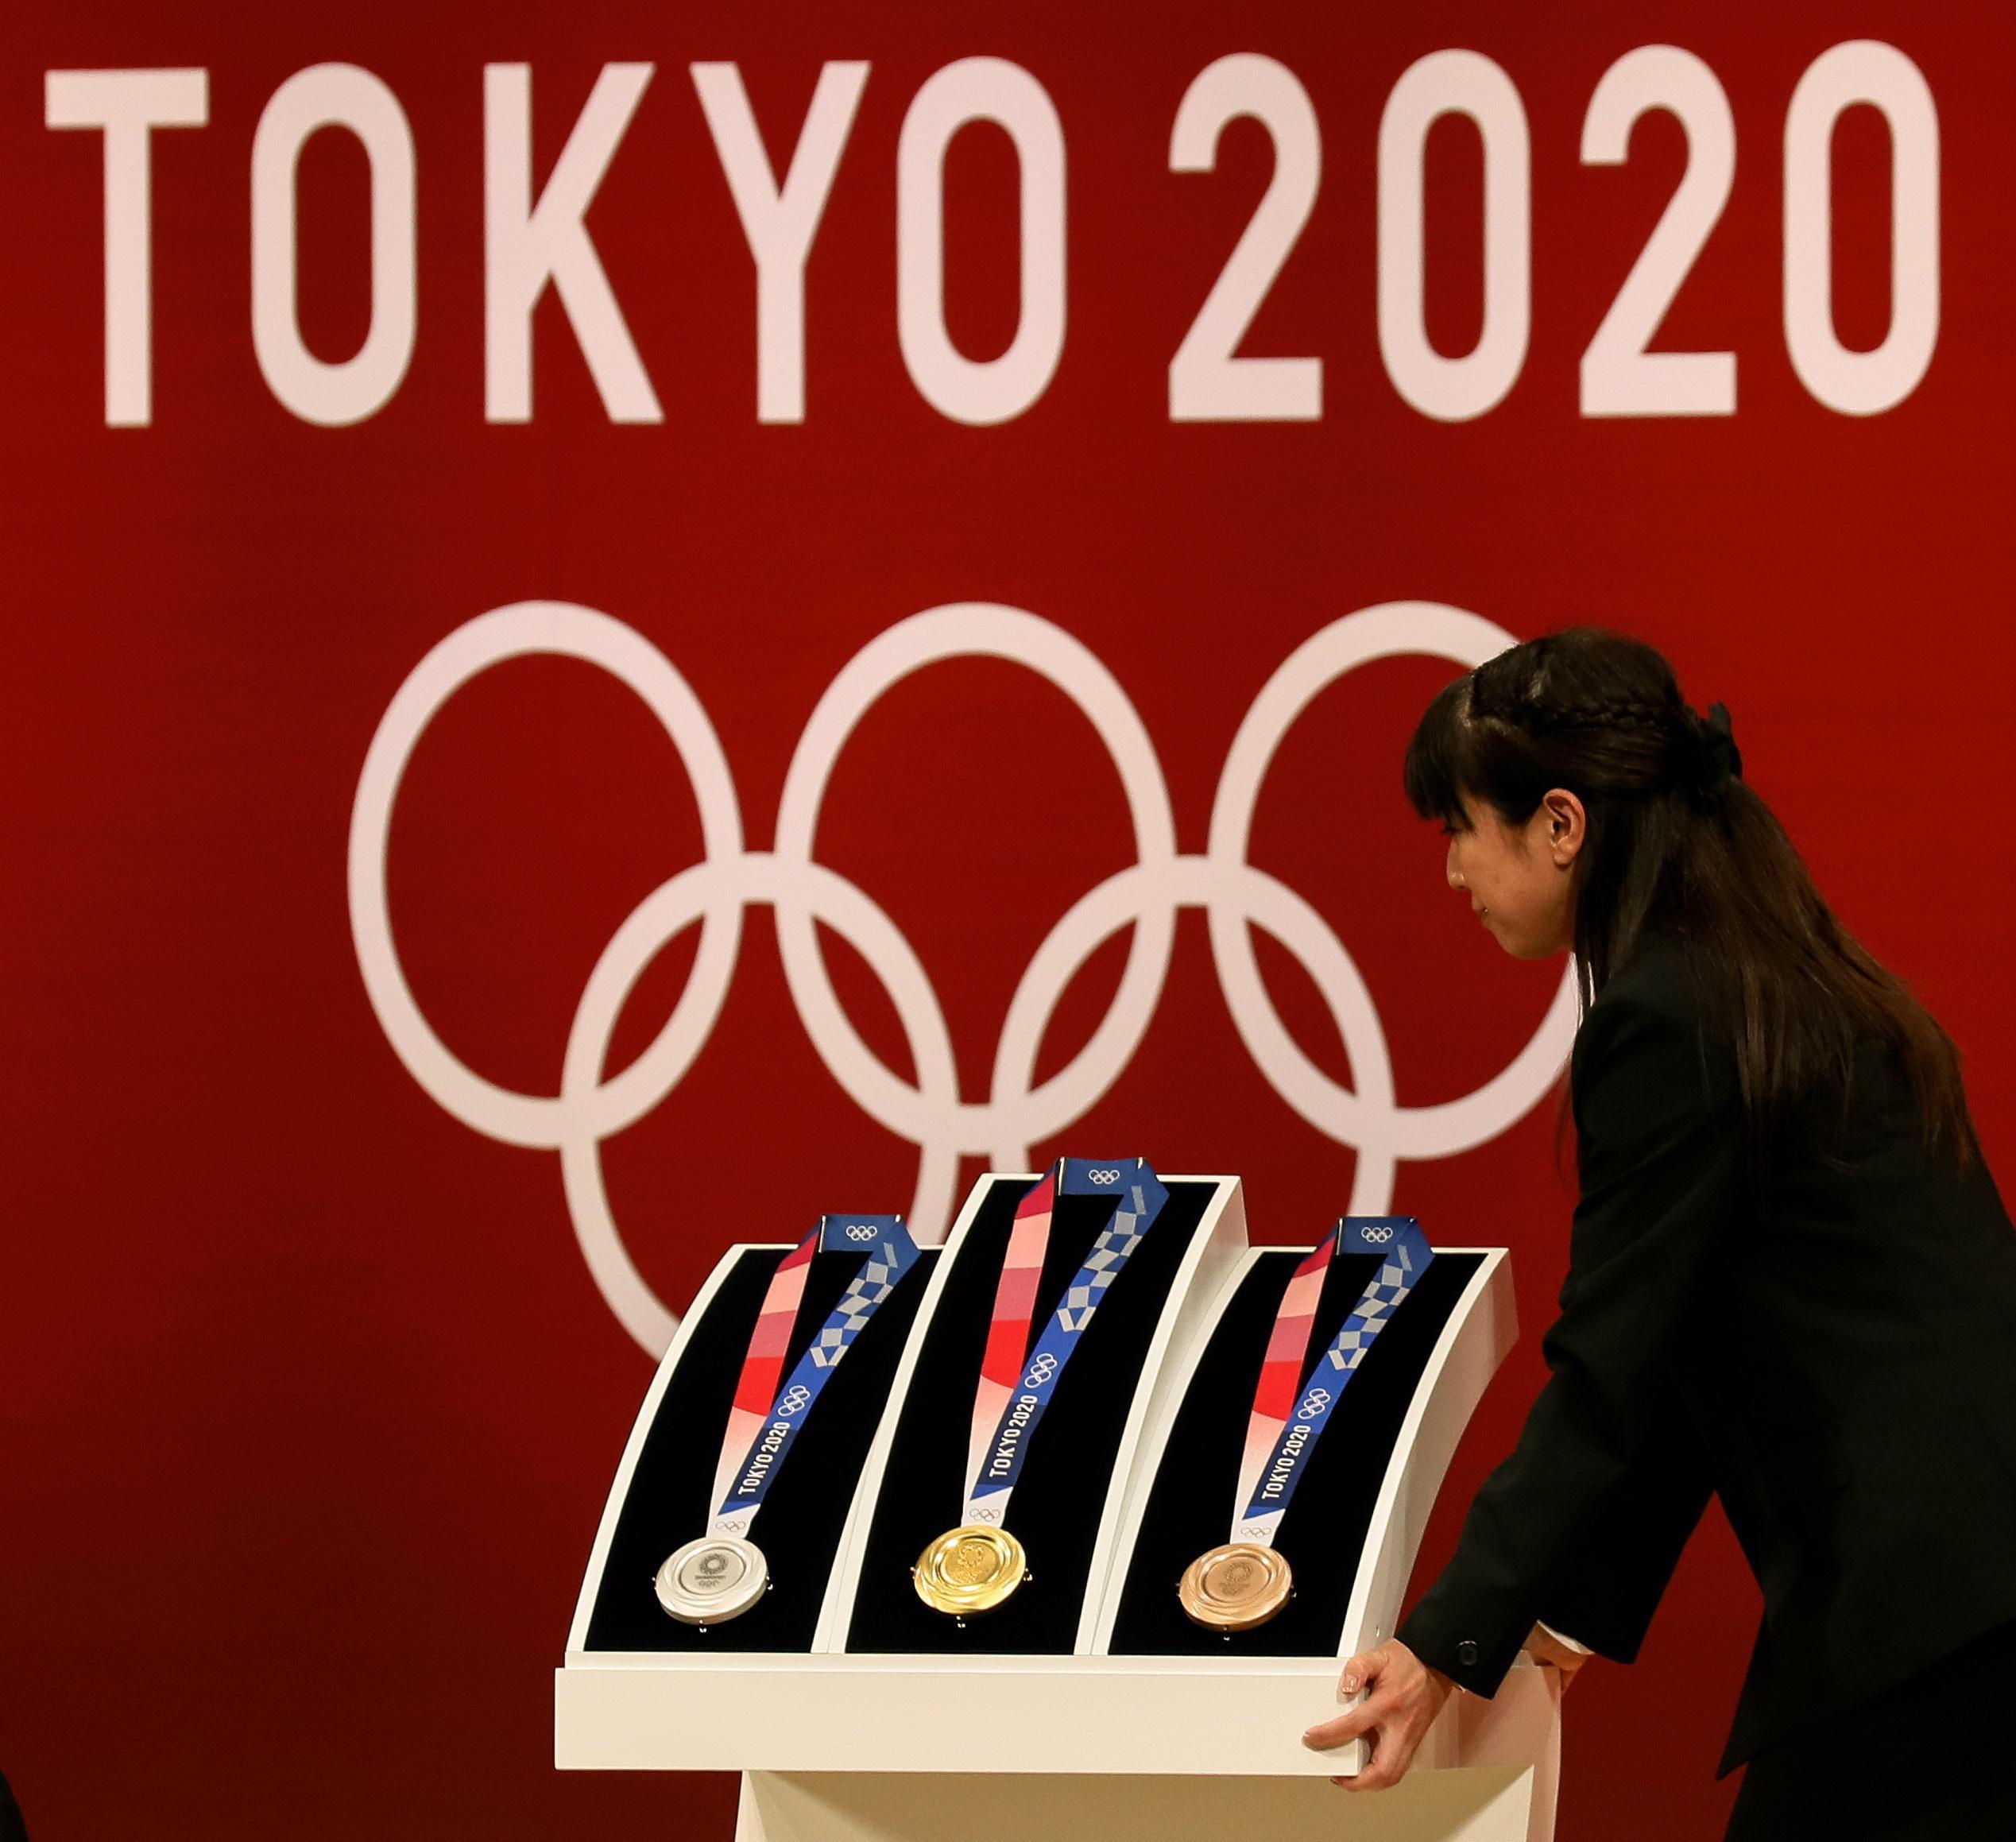 A Tokyo sono state presentate ufficialmente le medaglie per le Olimpiadi del<br /> 2020 a un anno esatto dal via dei Giochi. Sono state progettate per riflettere l&quot;energia&#39; degli atleti e saranno realizzate con materiali riciclati raccolti da vecchi dispositivi elettronici. Secondo gli organizzatori l&#39;obiettivo di queste medaglie &egrave;&nbsp;di &quot;assomigliare a pietre grezze che sono state lucidate e che ora brillano&quot;. I premi in oro, argento e bronzo hanno ciascuno una superficie ruvida, quasi meringata sull&#39;anello esterno, che circonda un centro liscio e brillante.<br /> &nbsp;<br /><br />